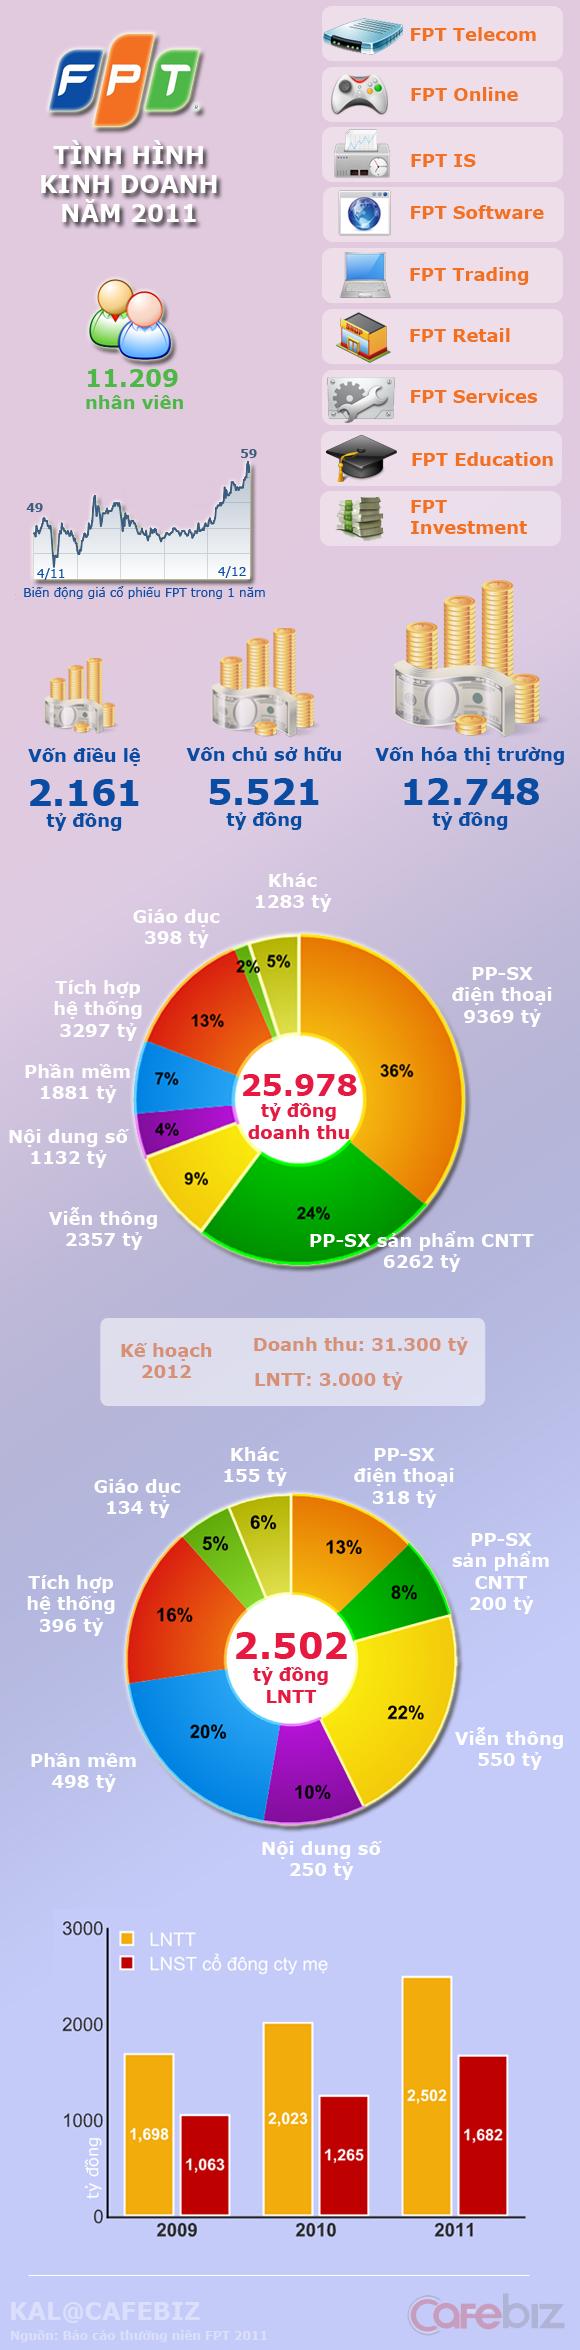 Doanh thu, lợi nhuận của FPT đến từ những lĩnh vực nào? (3)